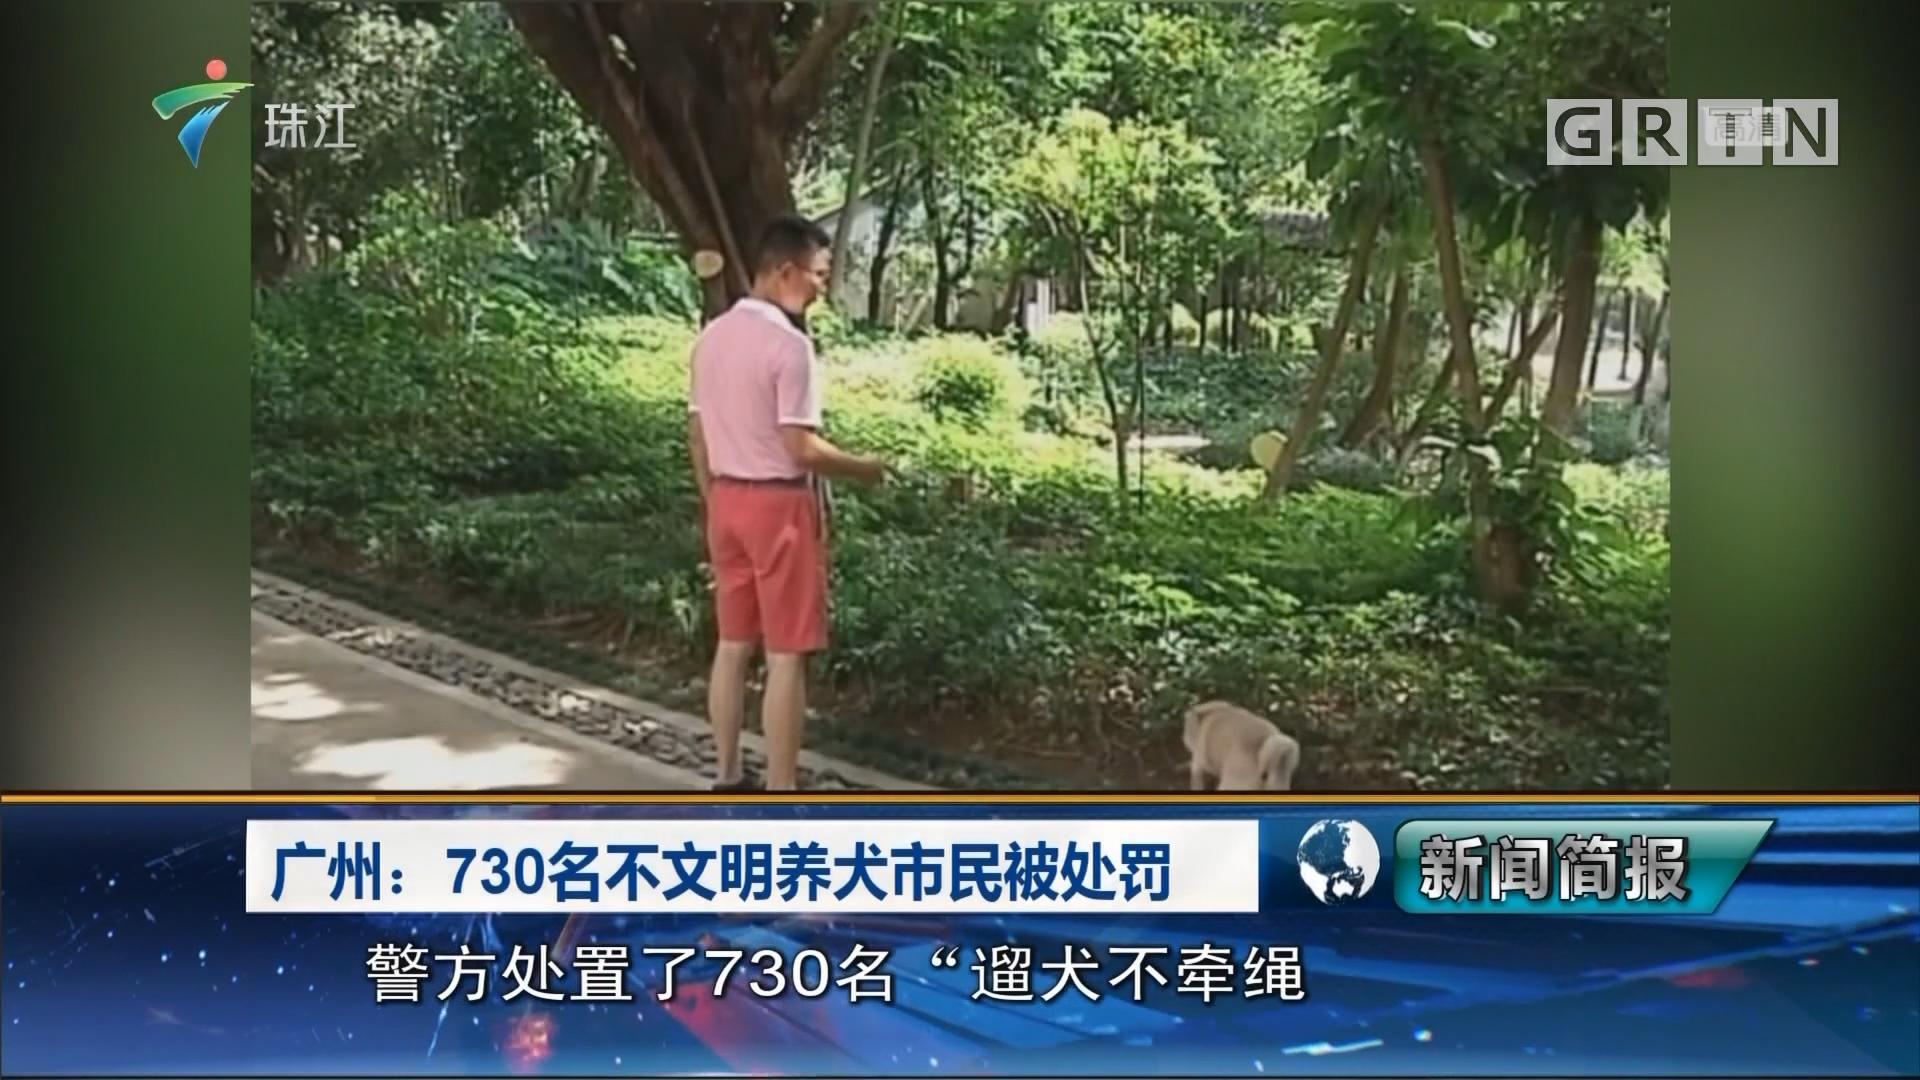 广州:730名不文明养犬市民被处罚